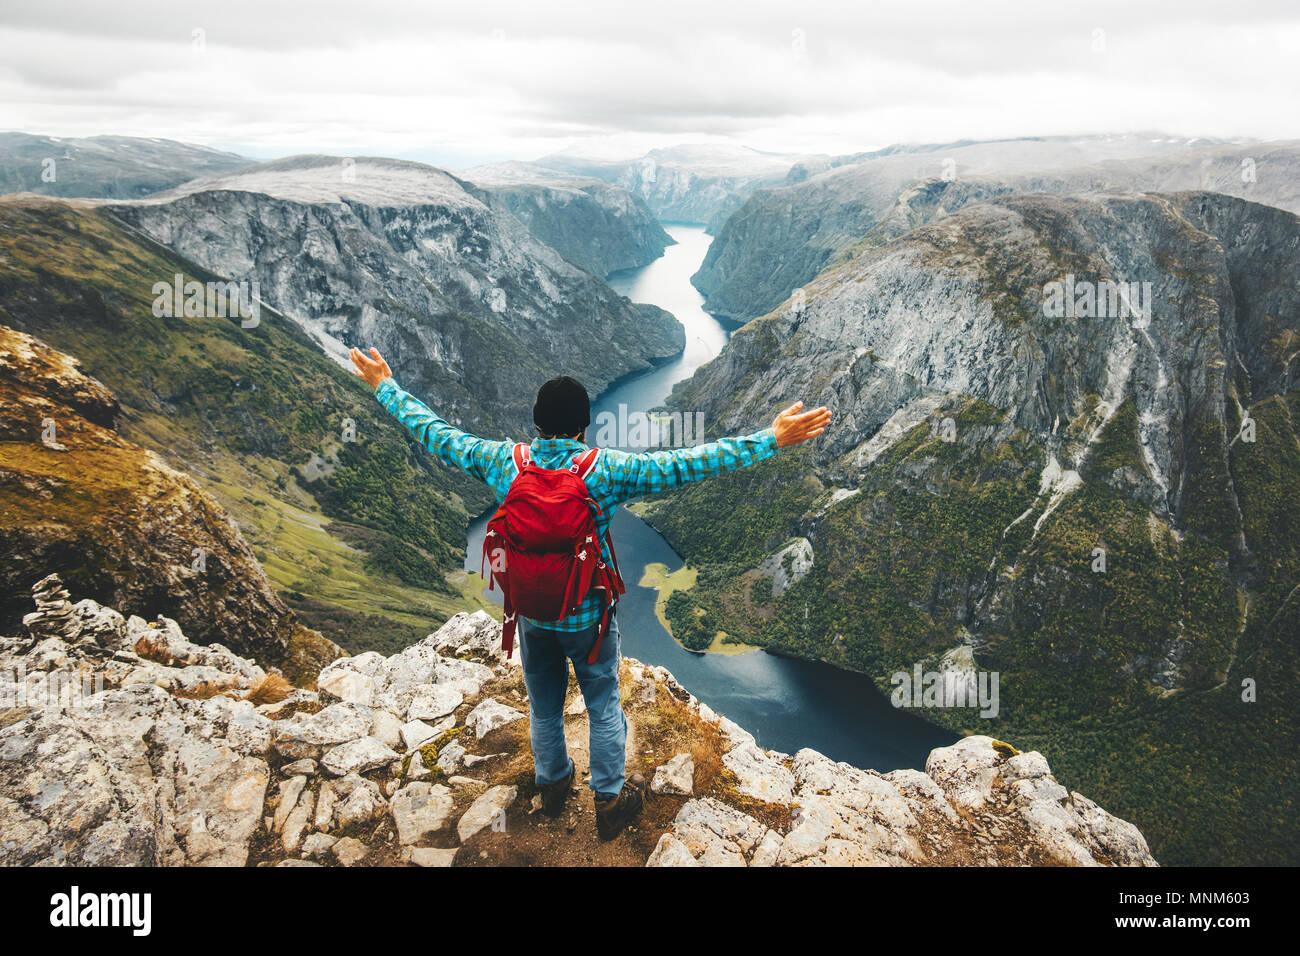 Homme heureux backpacker sur sommet de montagne en Norvège Voyage Voyage Vacances aventure vie active saine bien-être réussite ci-dessus Naeroyfjord FRV Photo Stock